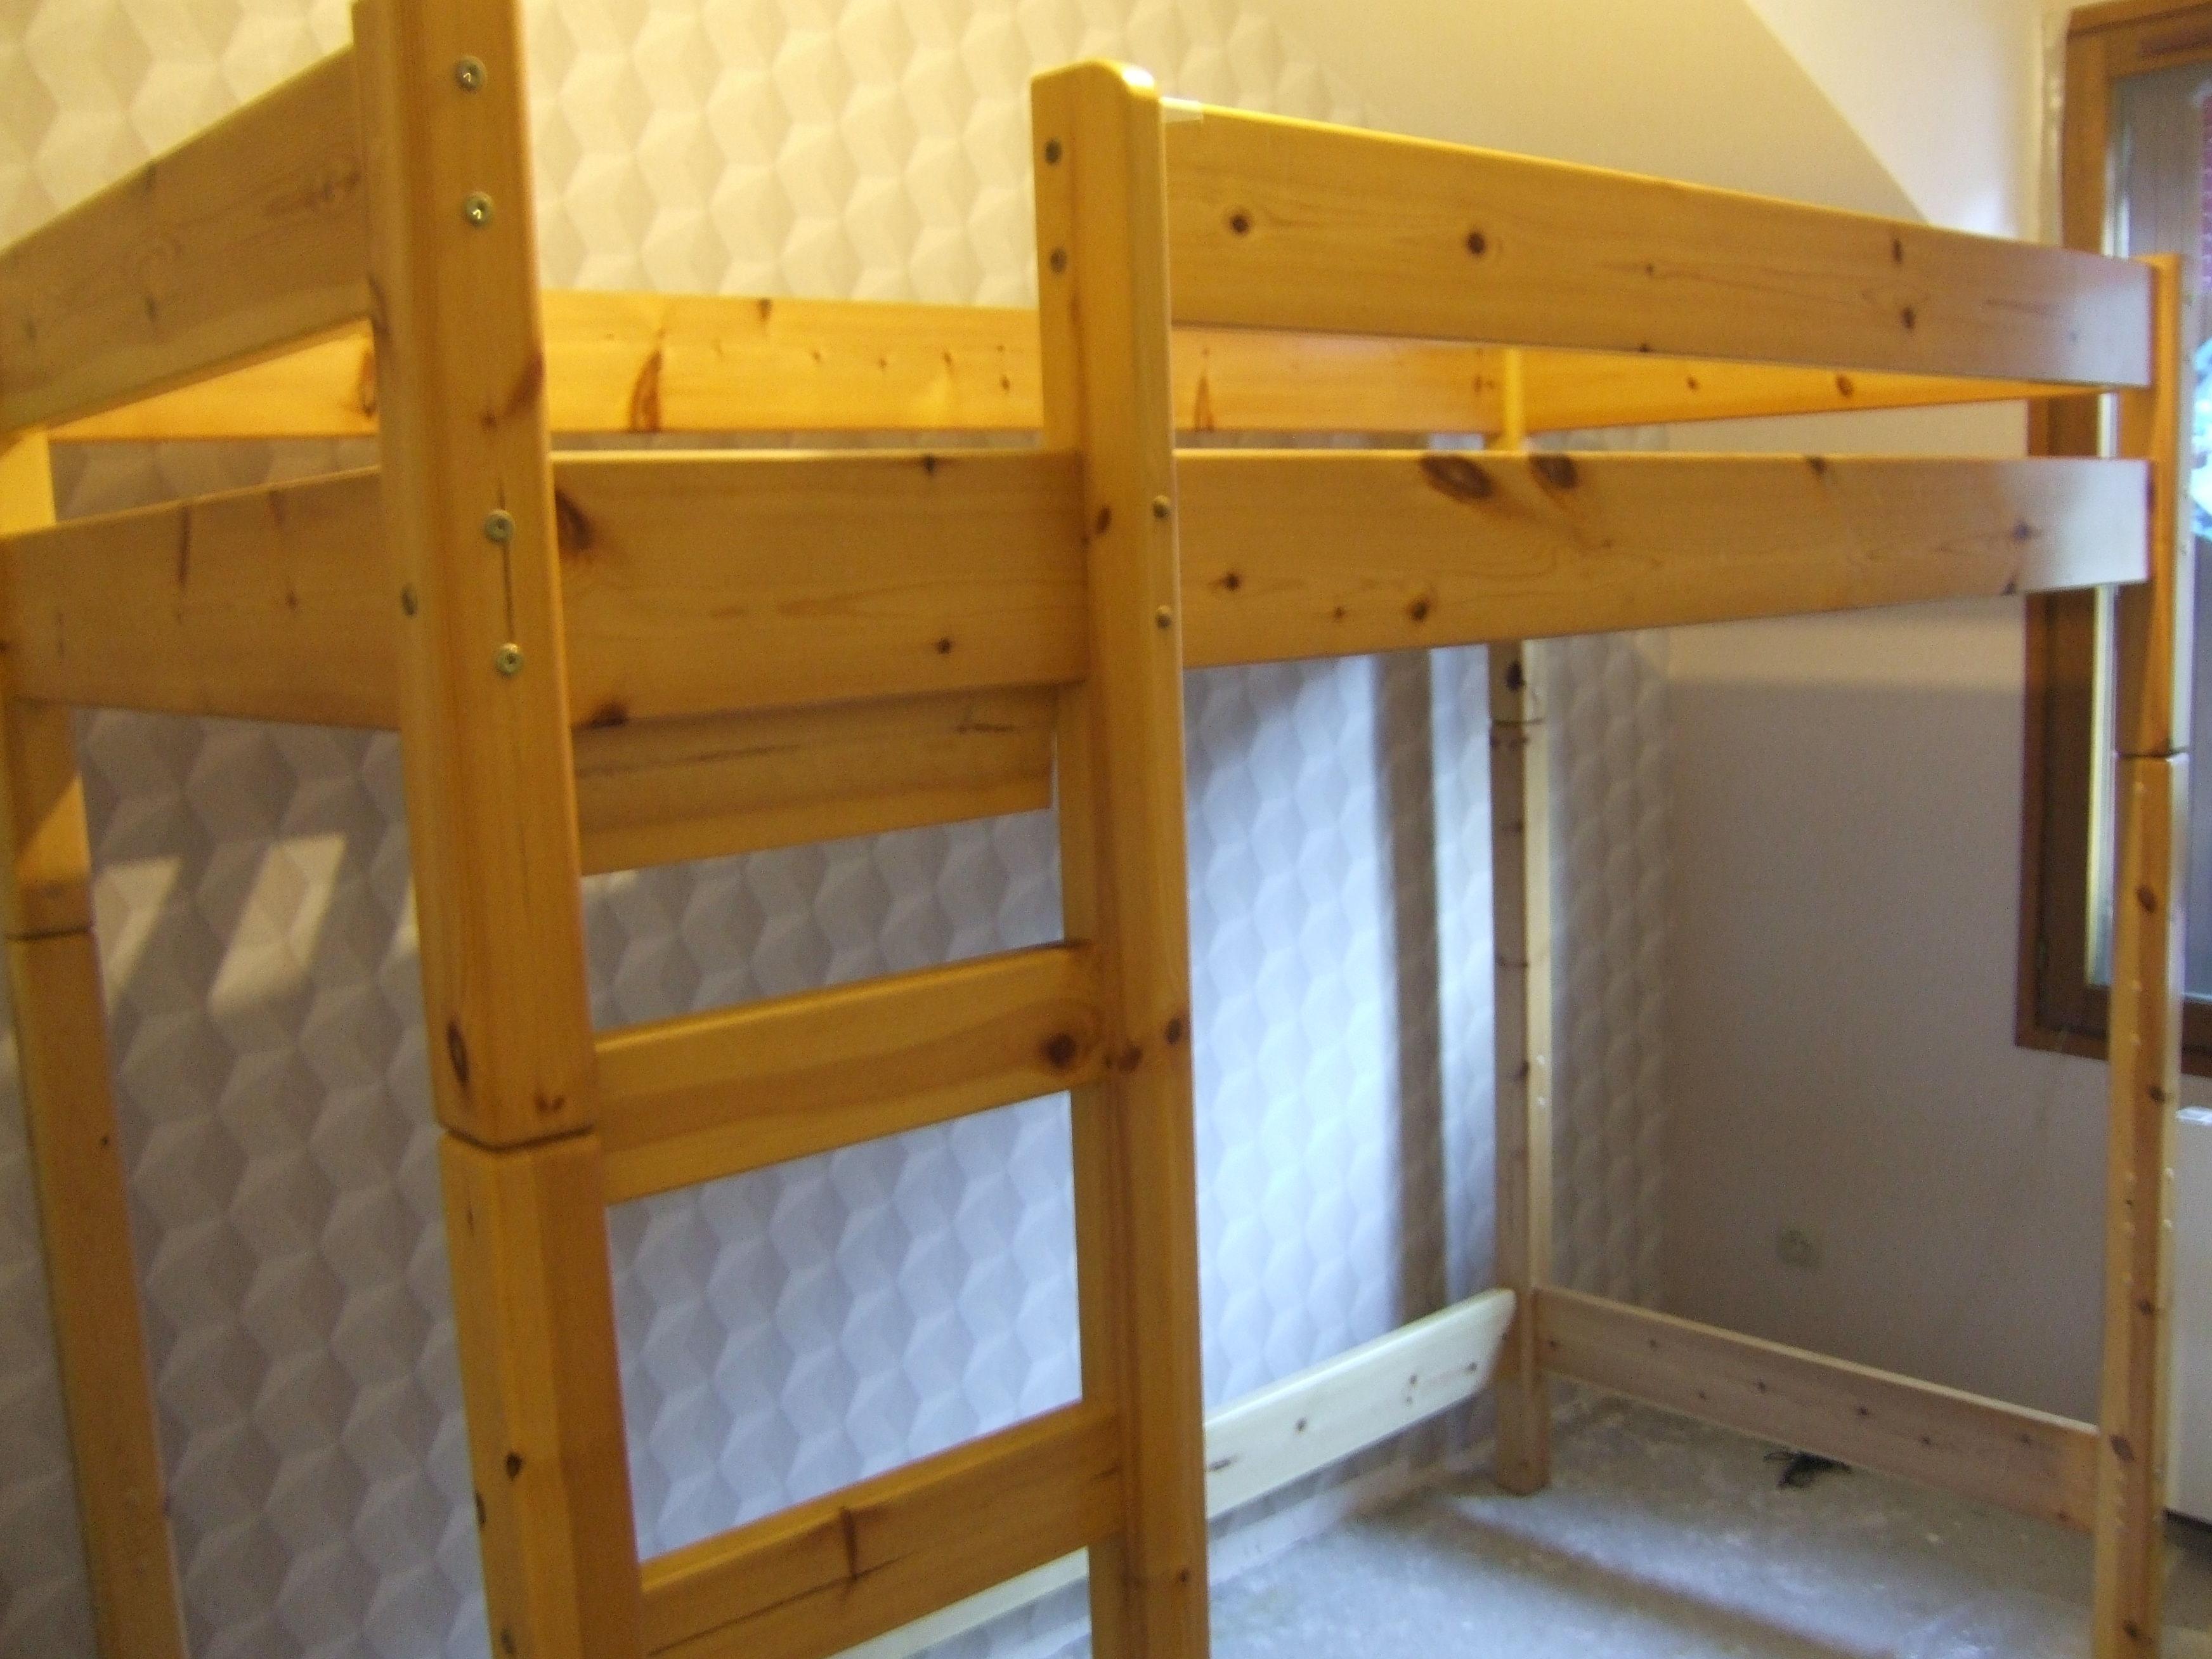 lits mezzanine occasion en rh ne alpes annonces achat et vente de lits mezzanine paruvendu. Black Bedroom Furniture Sets. Home Design Ideas